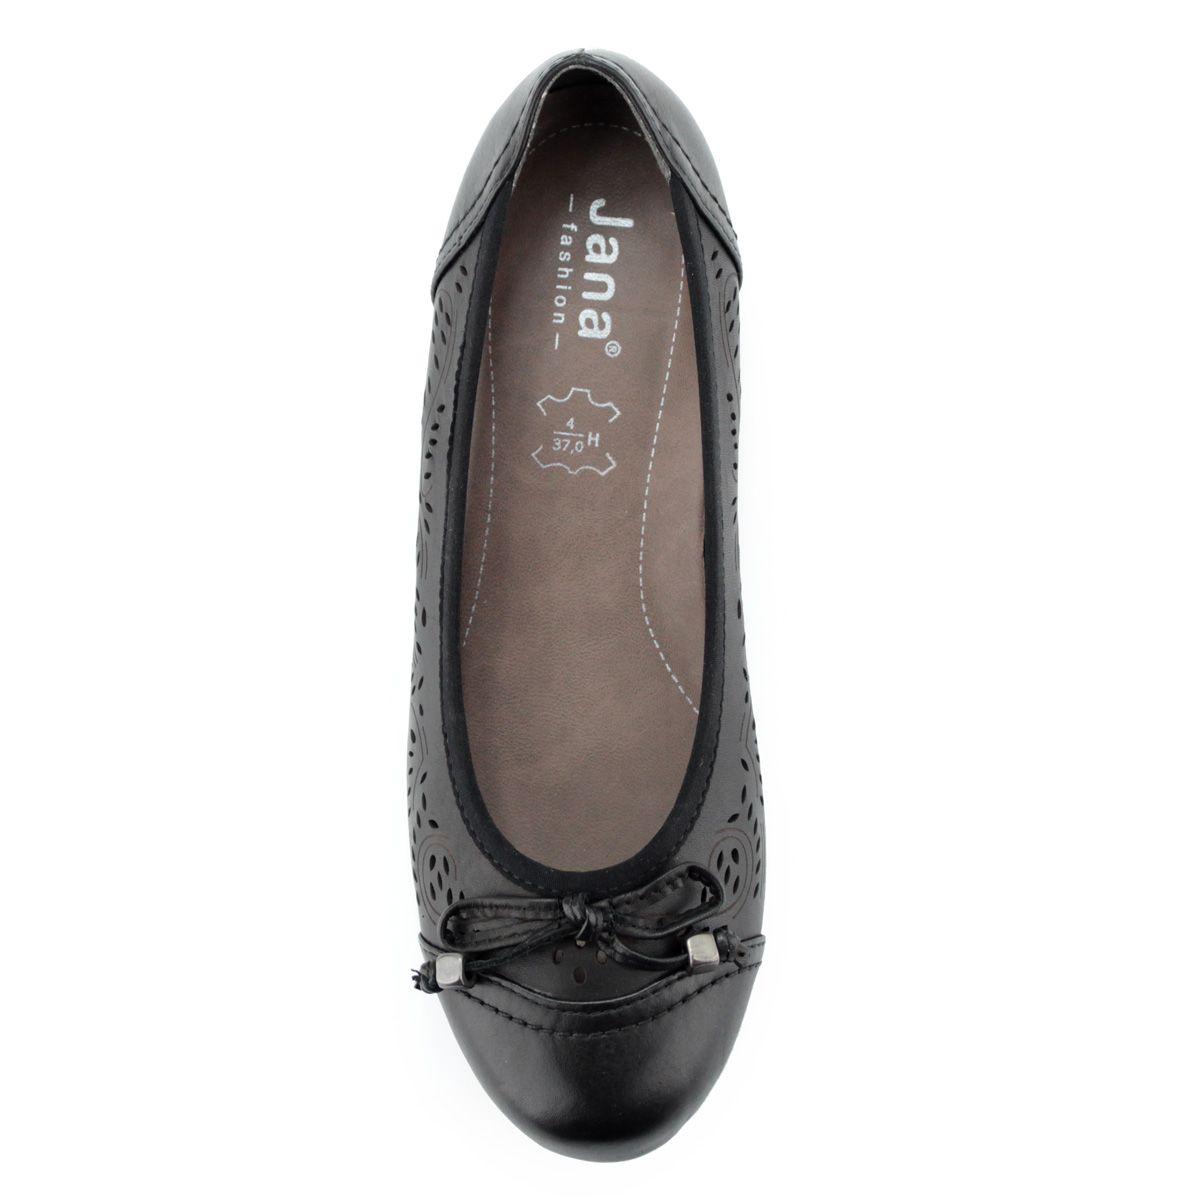 74ab087d78 Könnyű, kényelmes kerek orrú női cipő, orrán masni dísszel. Márka: Jana  Szín: Black Modellszám: 8-22102-24 001